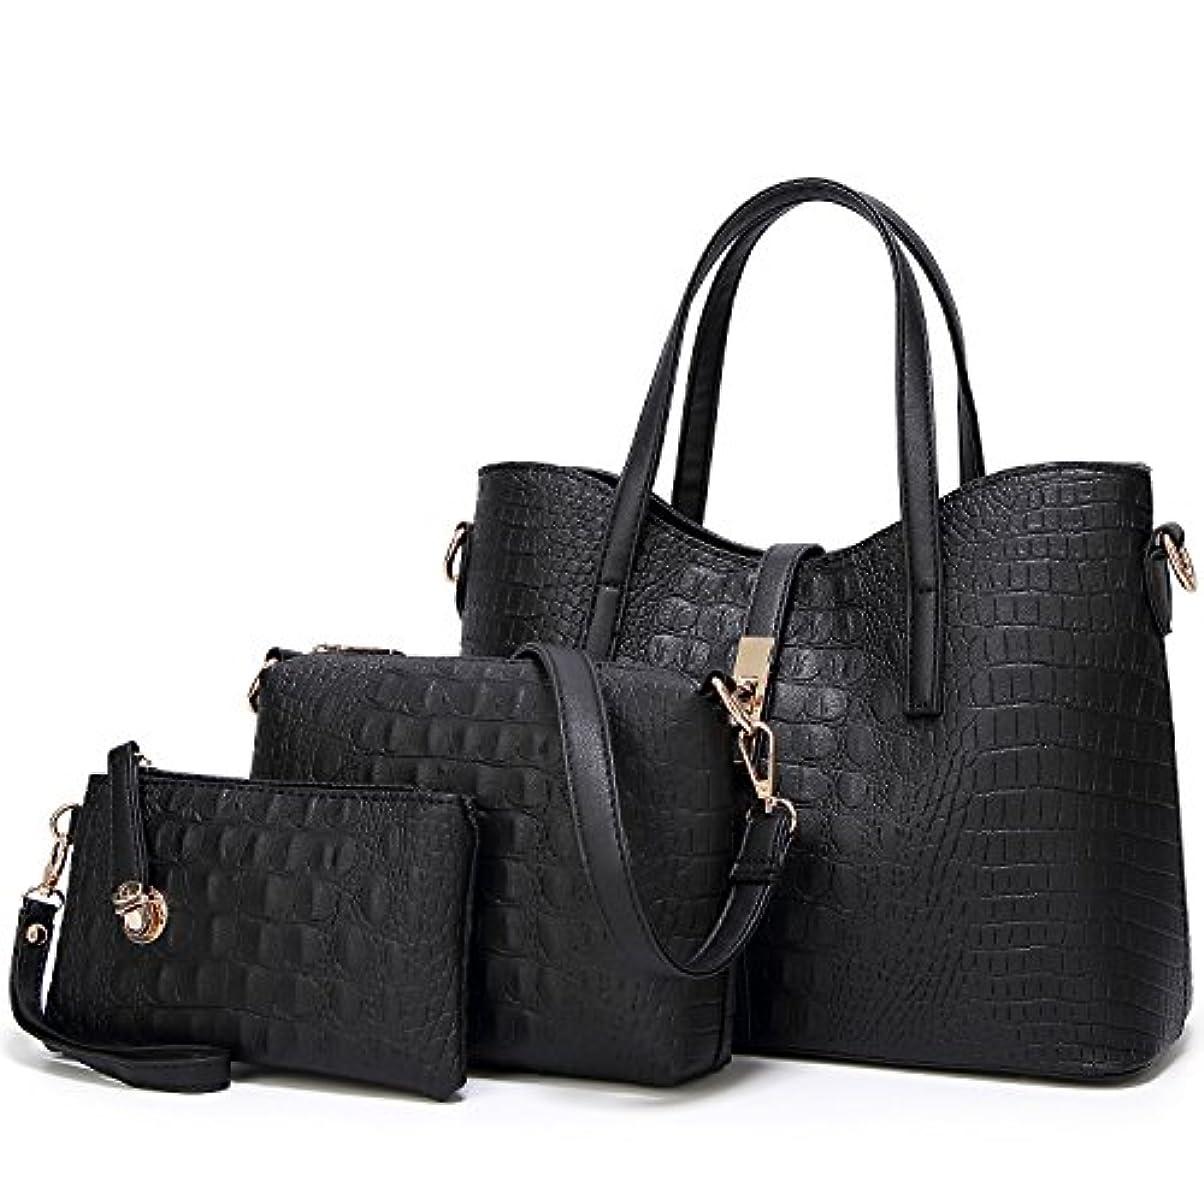 接尾辞ほんの減る[TcIFE] ハンドバッグ レディース トートバッグ 大容量 無地 ショルダーバッグ 2way 財布とハンドバッグ